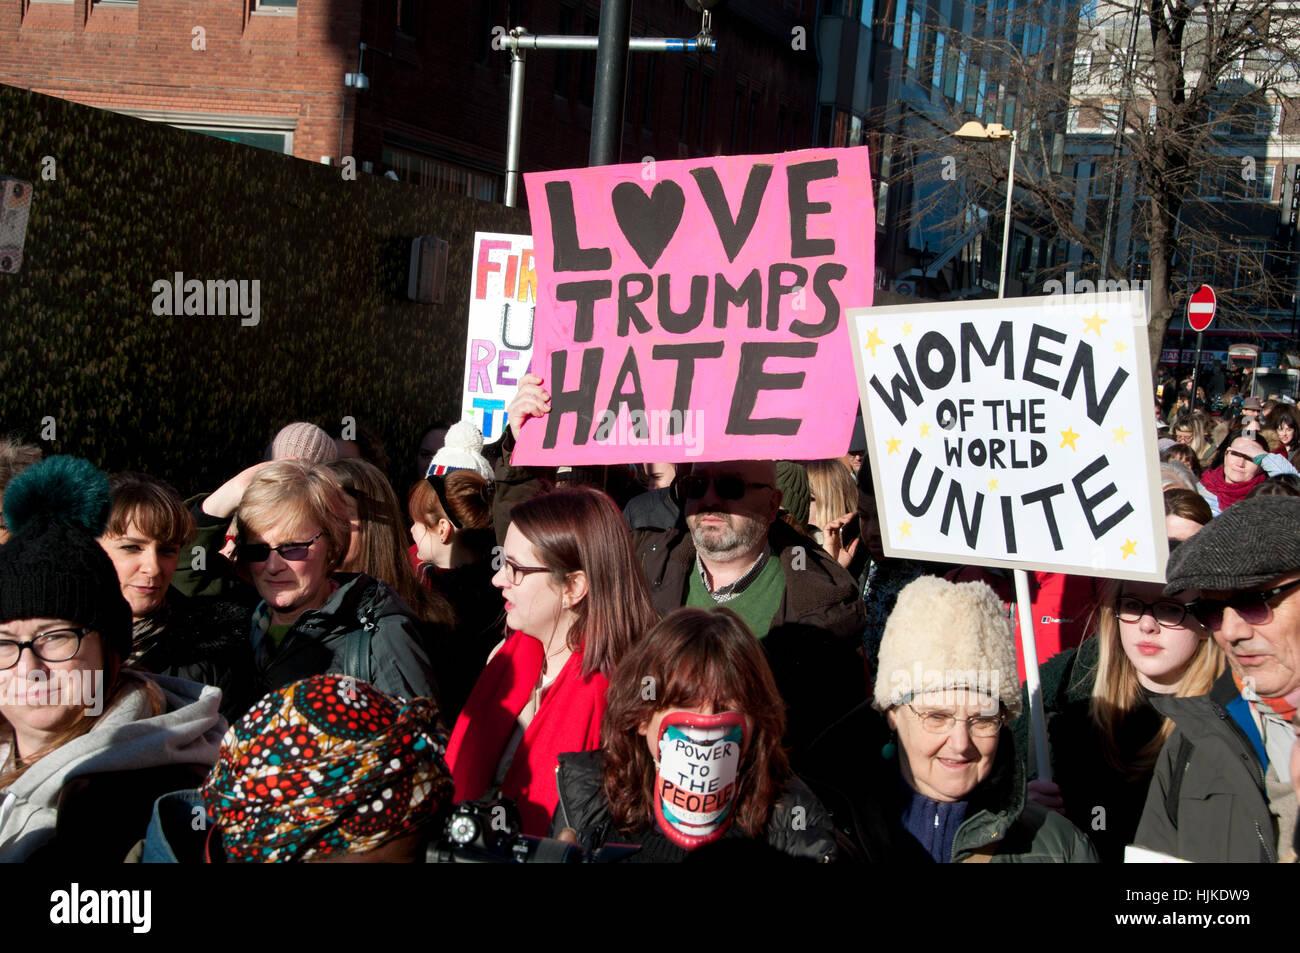 """Le donne di anti-Trump marzo, Londra. Cartelli dicendo """"l amore trionfi odio """" e """" Le donne di tutto Immagini Stock"""